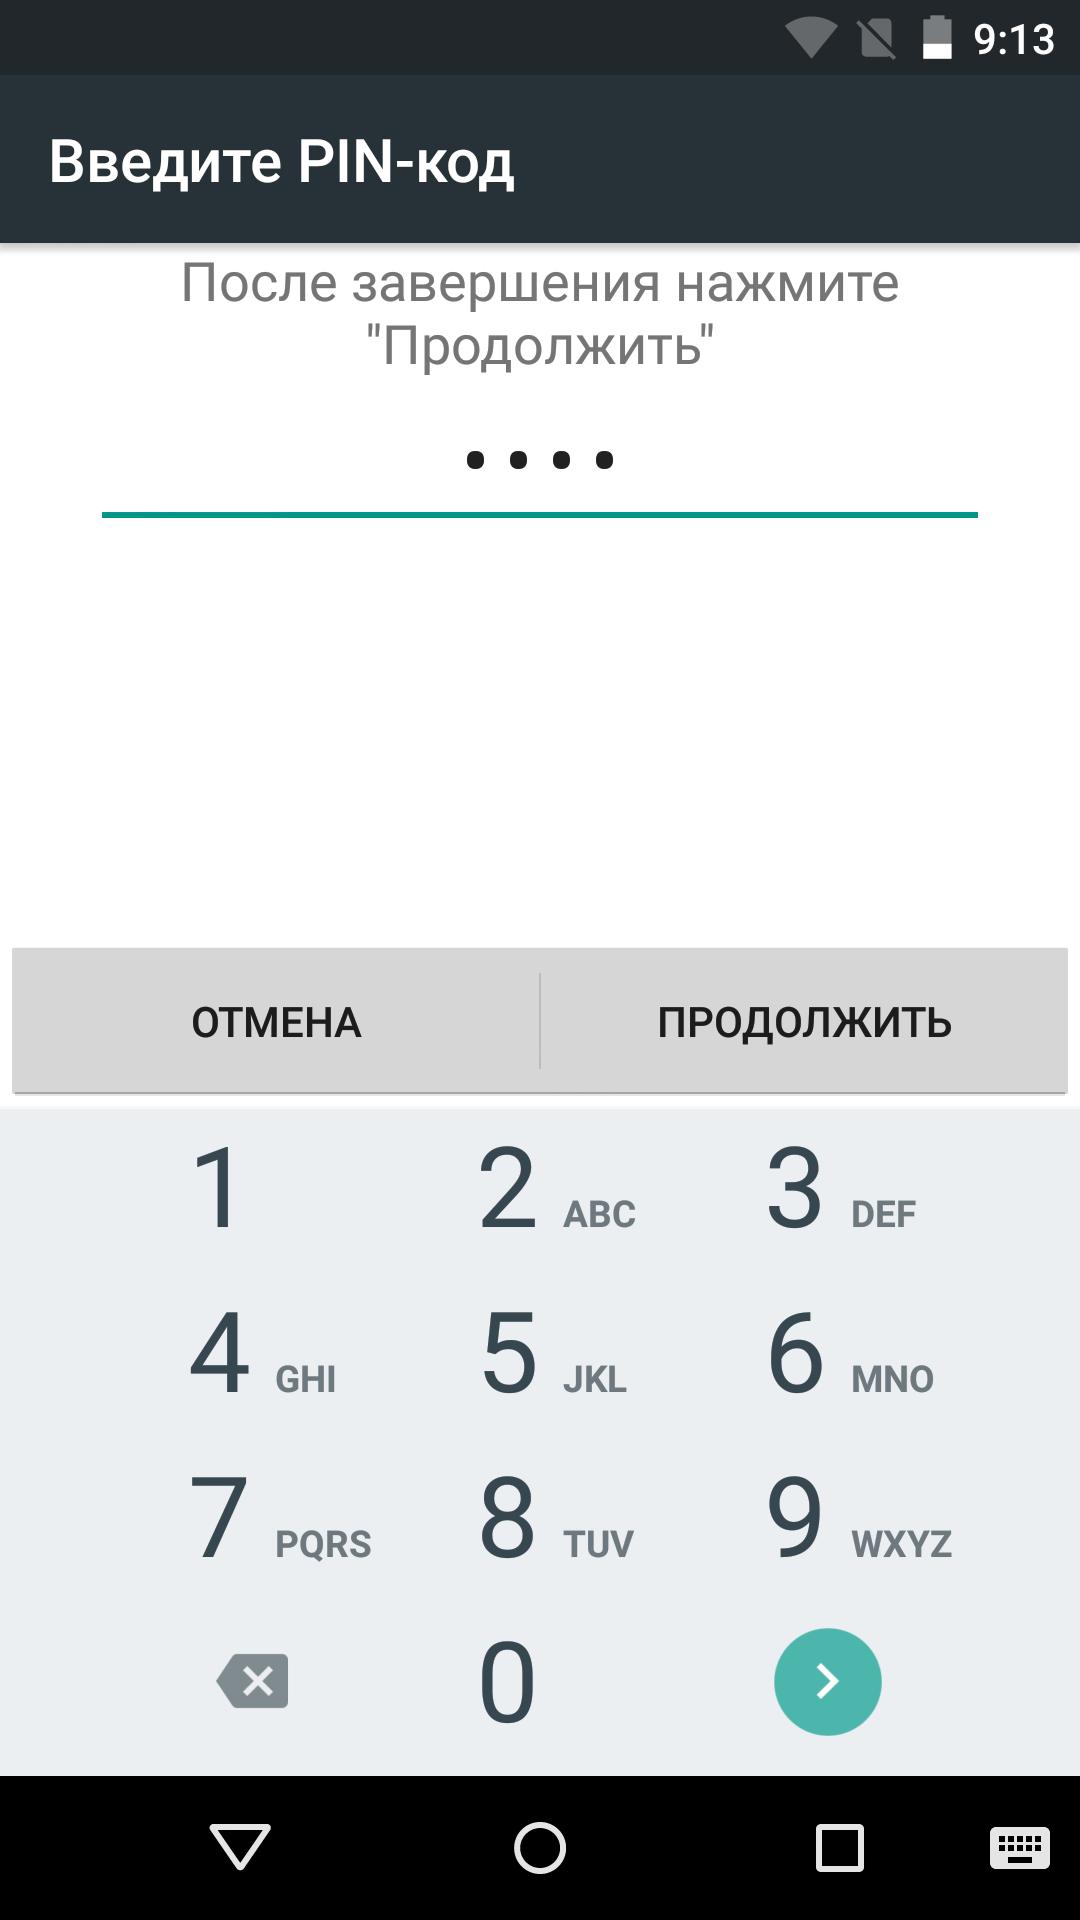 Включаем PIN-код